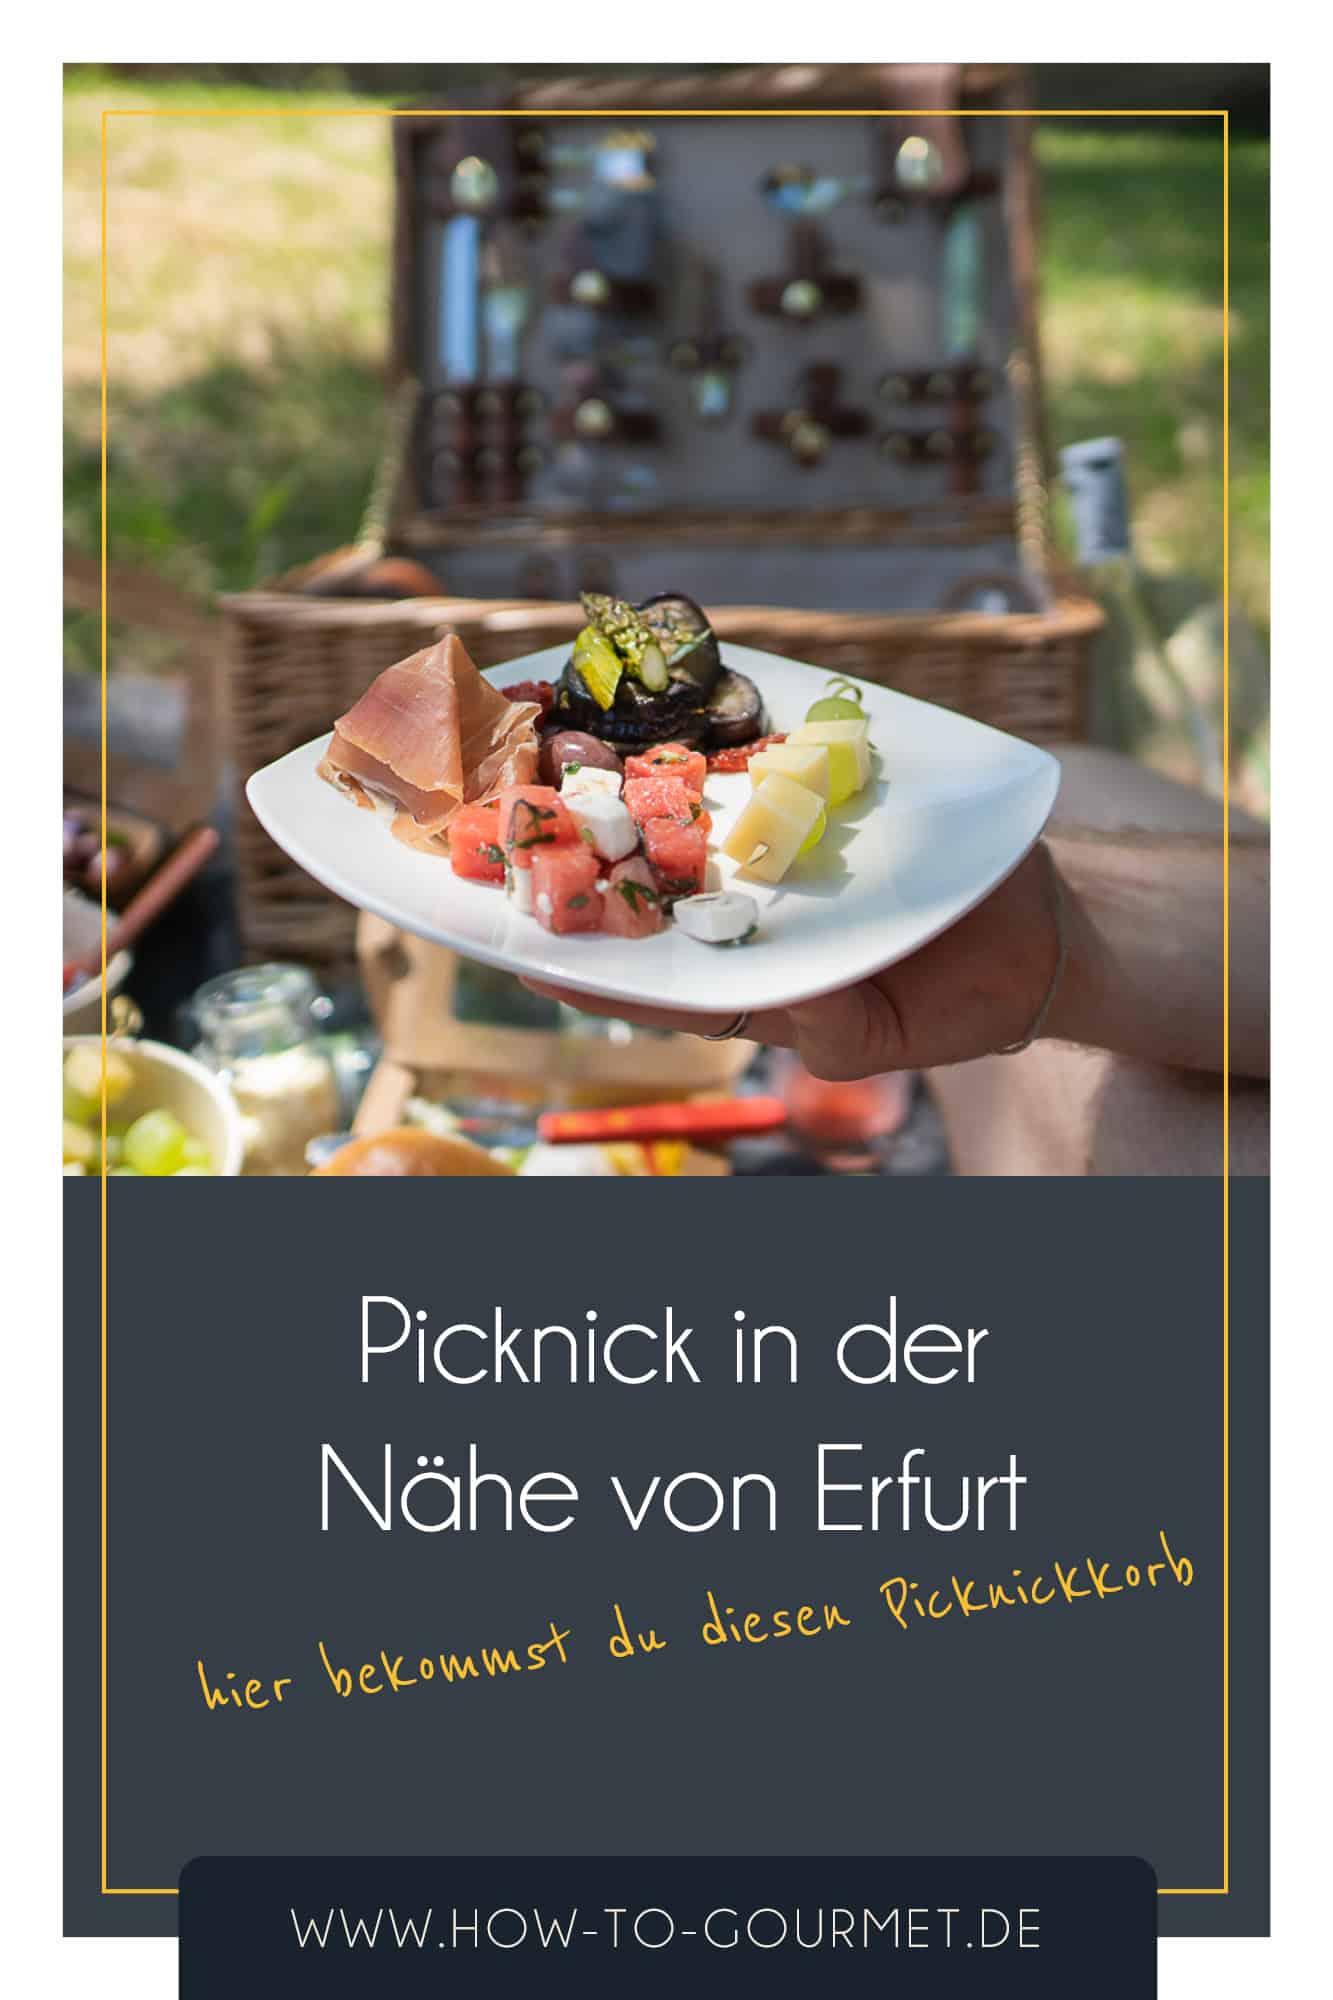 picknicken rund um Erfurt